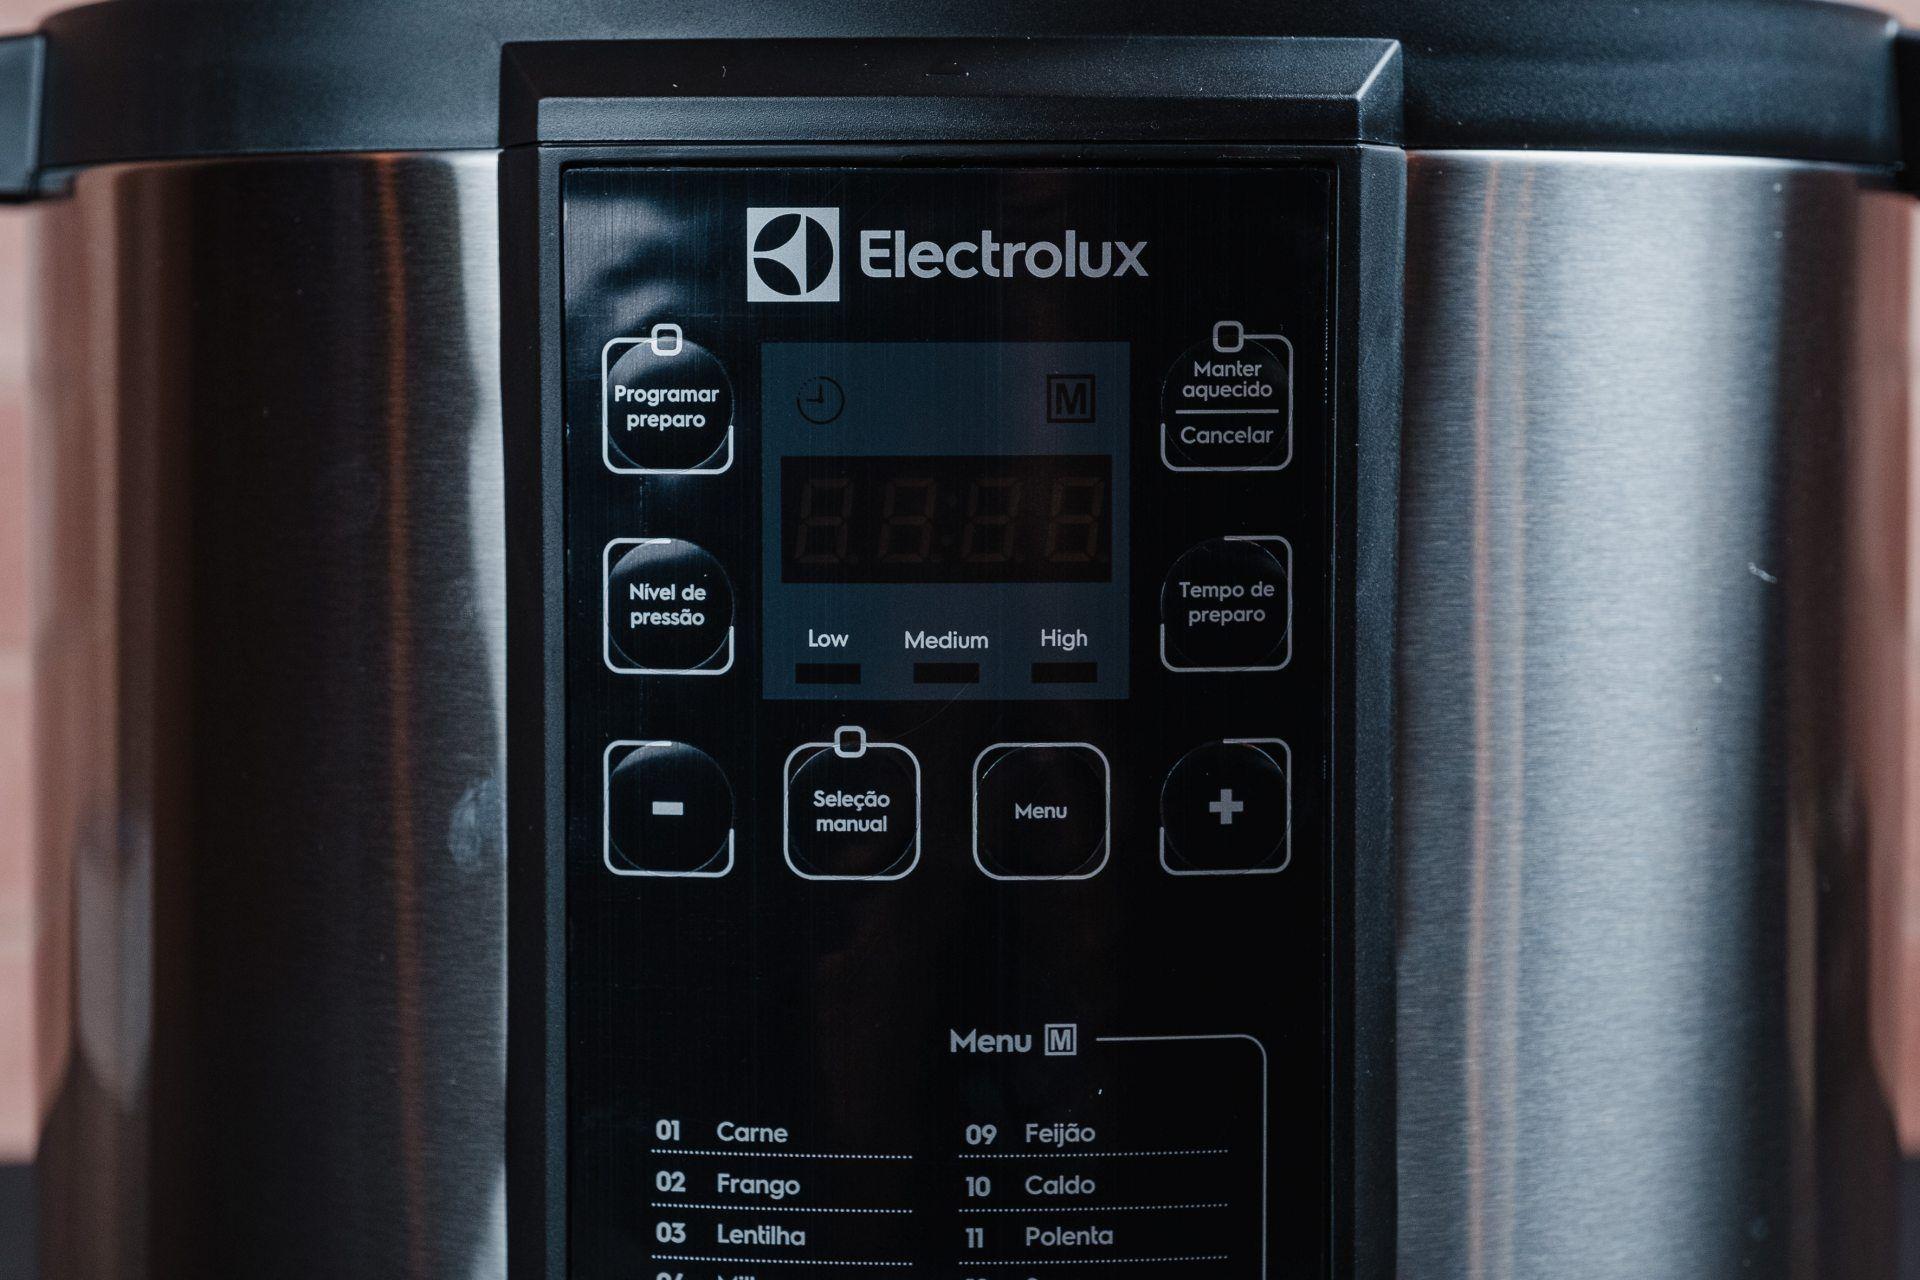 O painel da Electrolux PCC20 é bem detalhado e fácil de entender (Foto: Zoom)